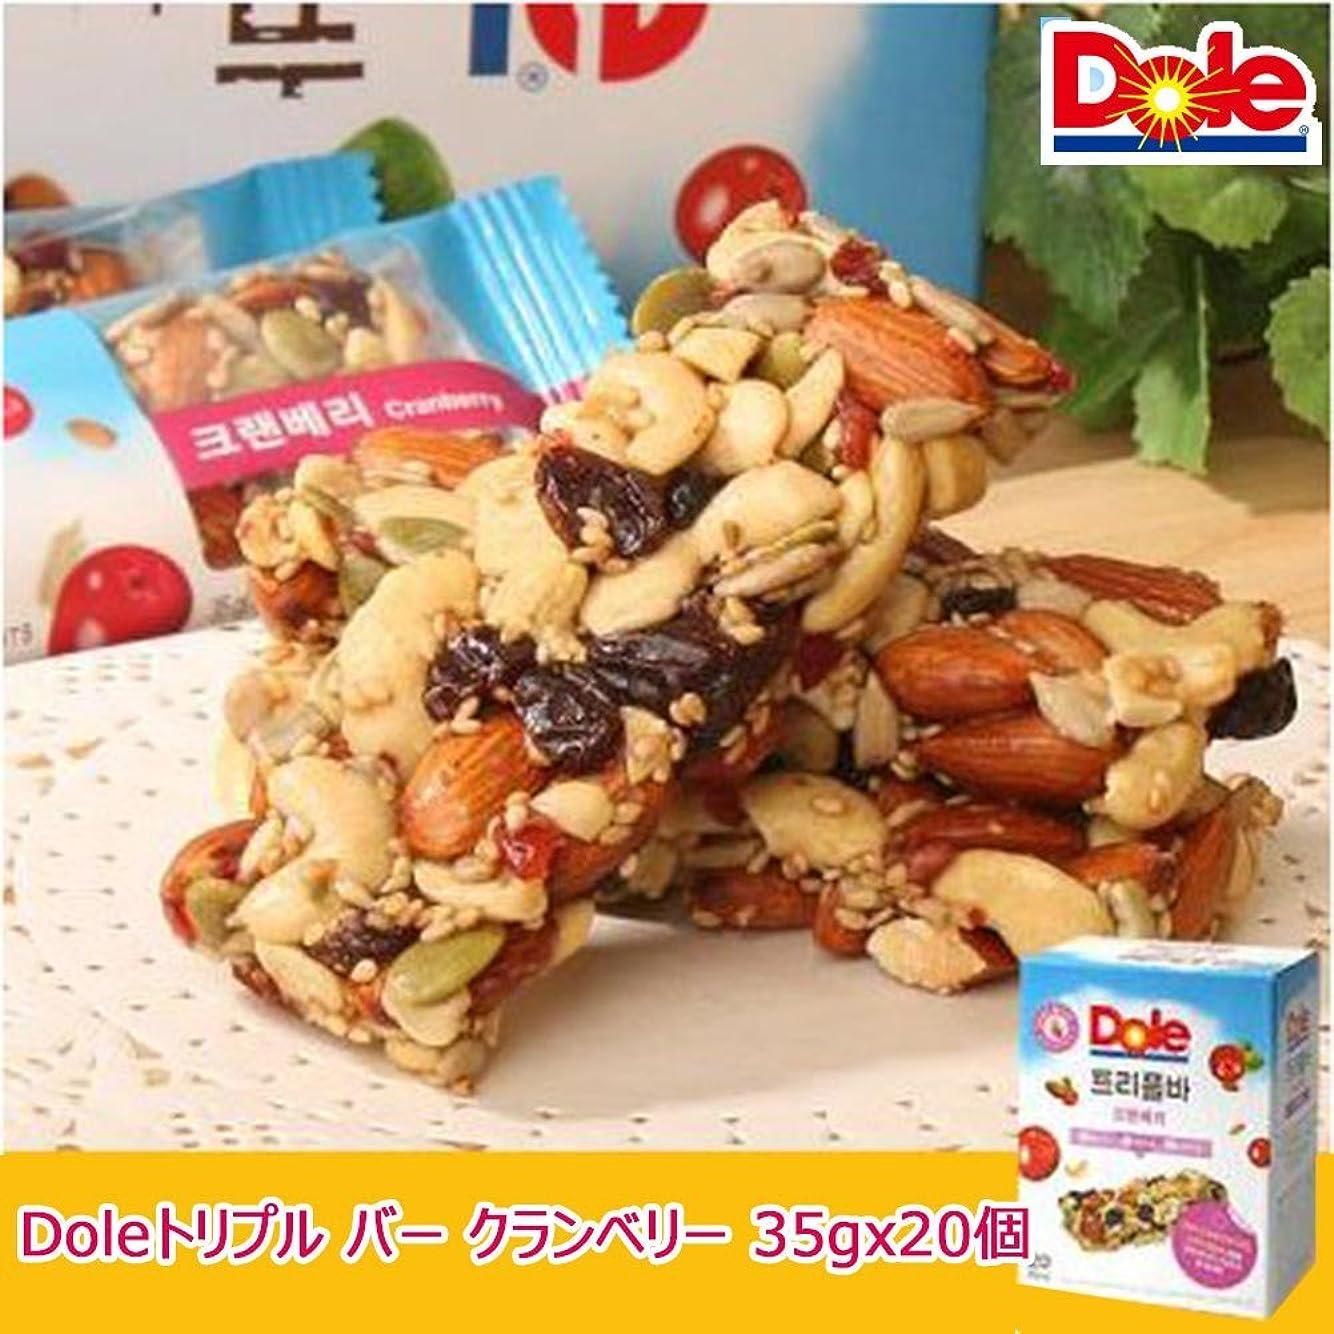 押すモニターメタン【ドール/Dole] Dole Triple Bar ドール トリプルバークランベリー35g x20個/3つのナットと3つのフルーツ、3つの種子で作成は栄養がたっぷり詰まったDiet Bar栄養バー[健康&ダイエット製品](海外直